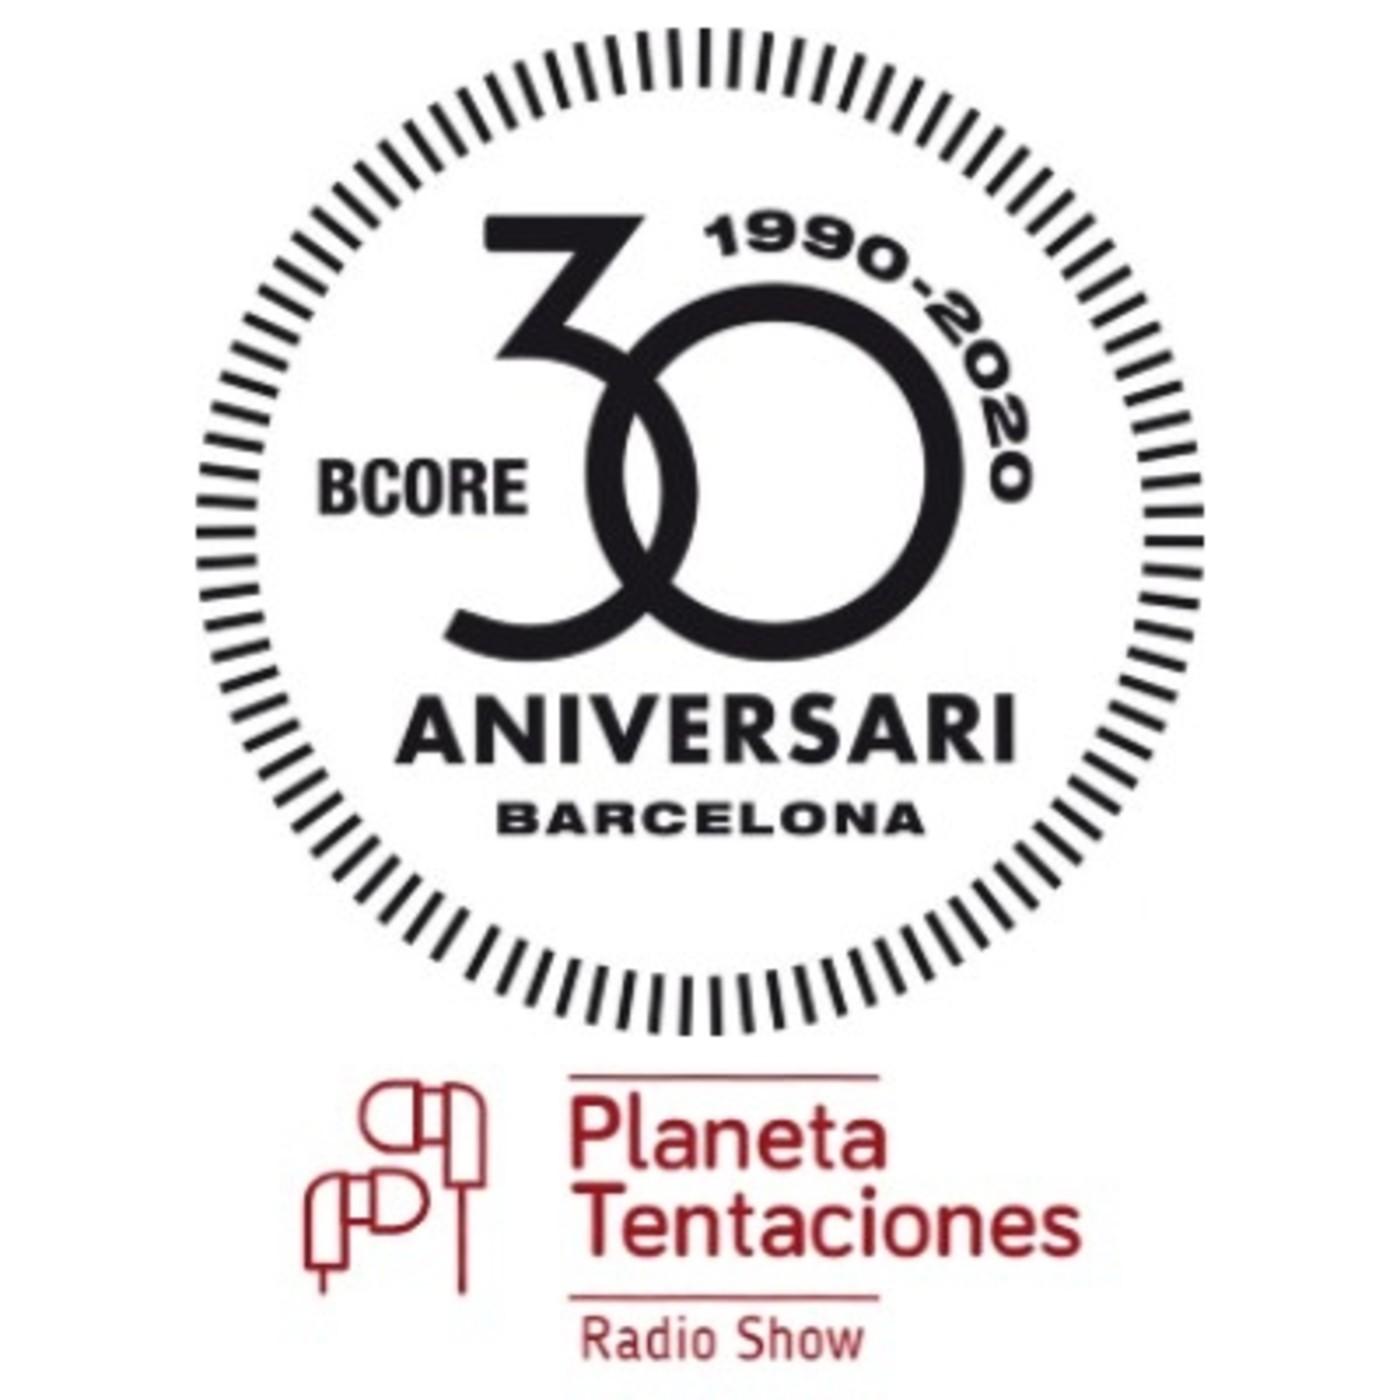 PTRS 20x05: 30 aniversario Bcore